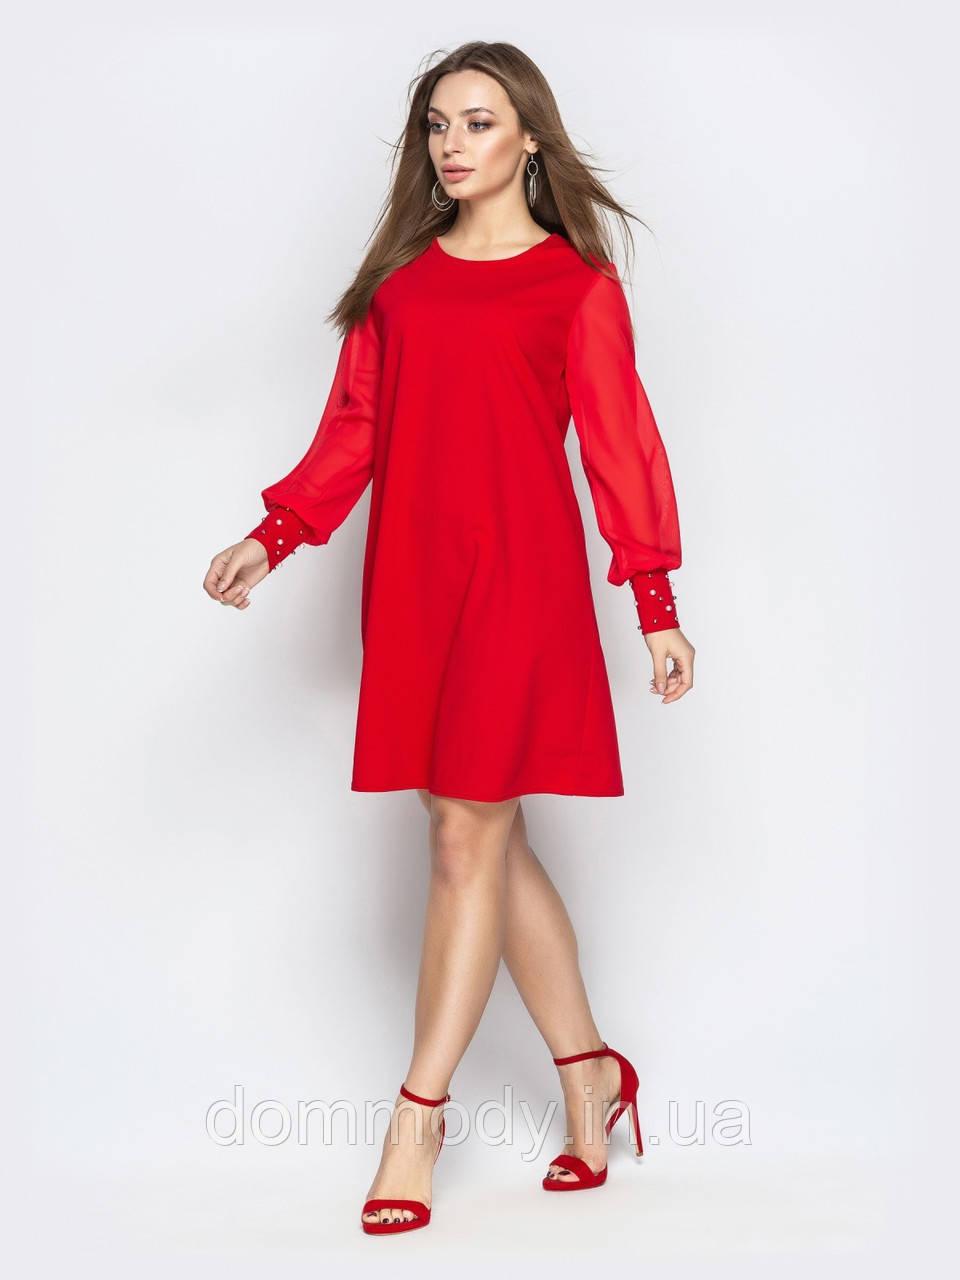 Платье женское Tammy red